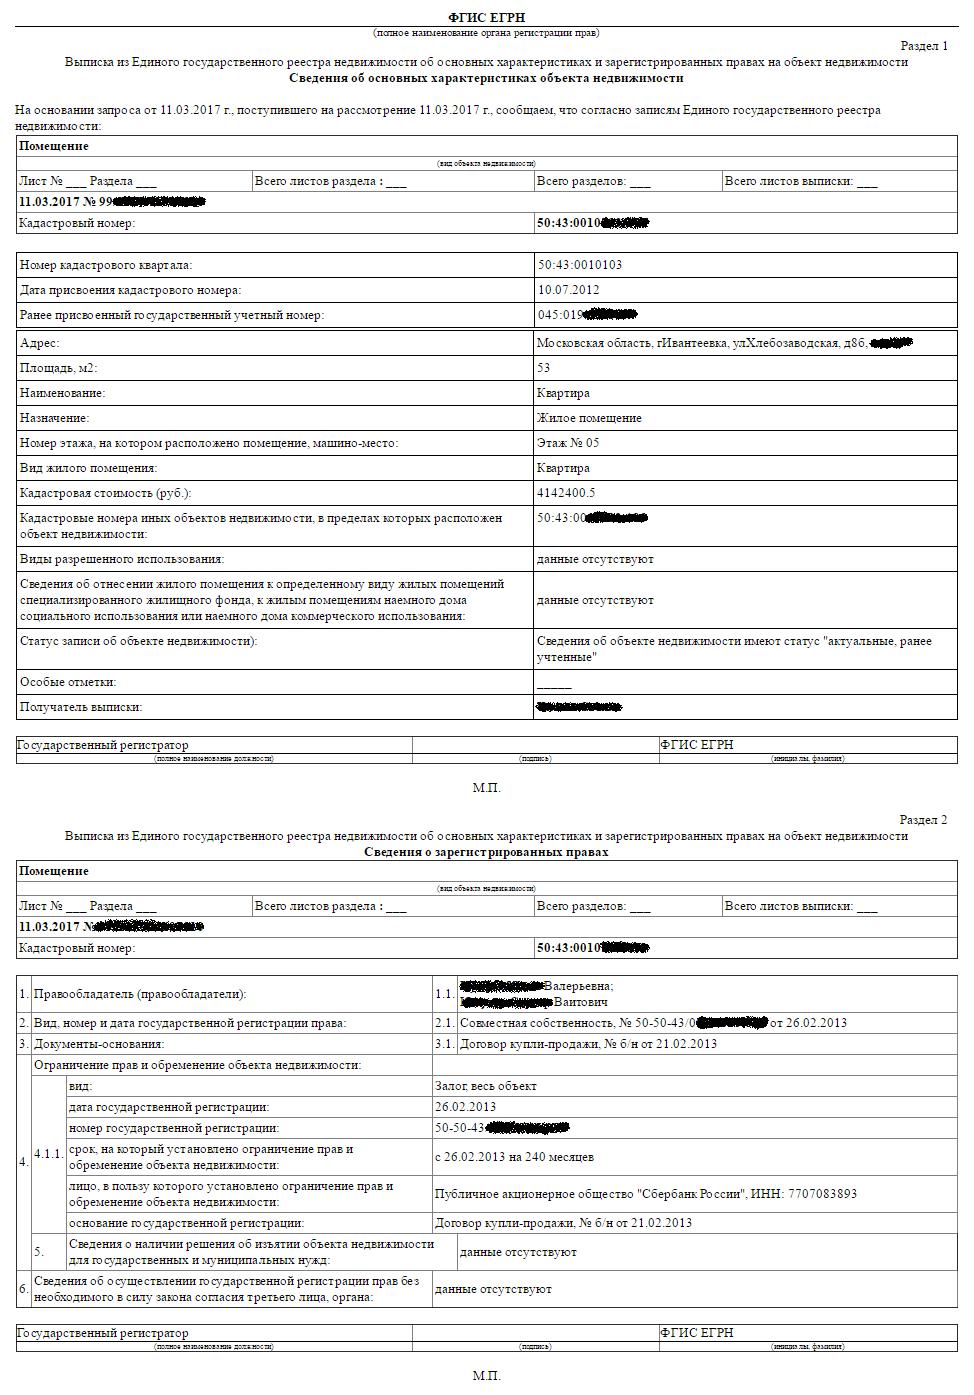 Как Оплатить Выписку Из Егрн Через Сбербанк Онлайн.